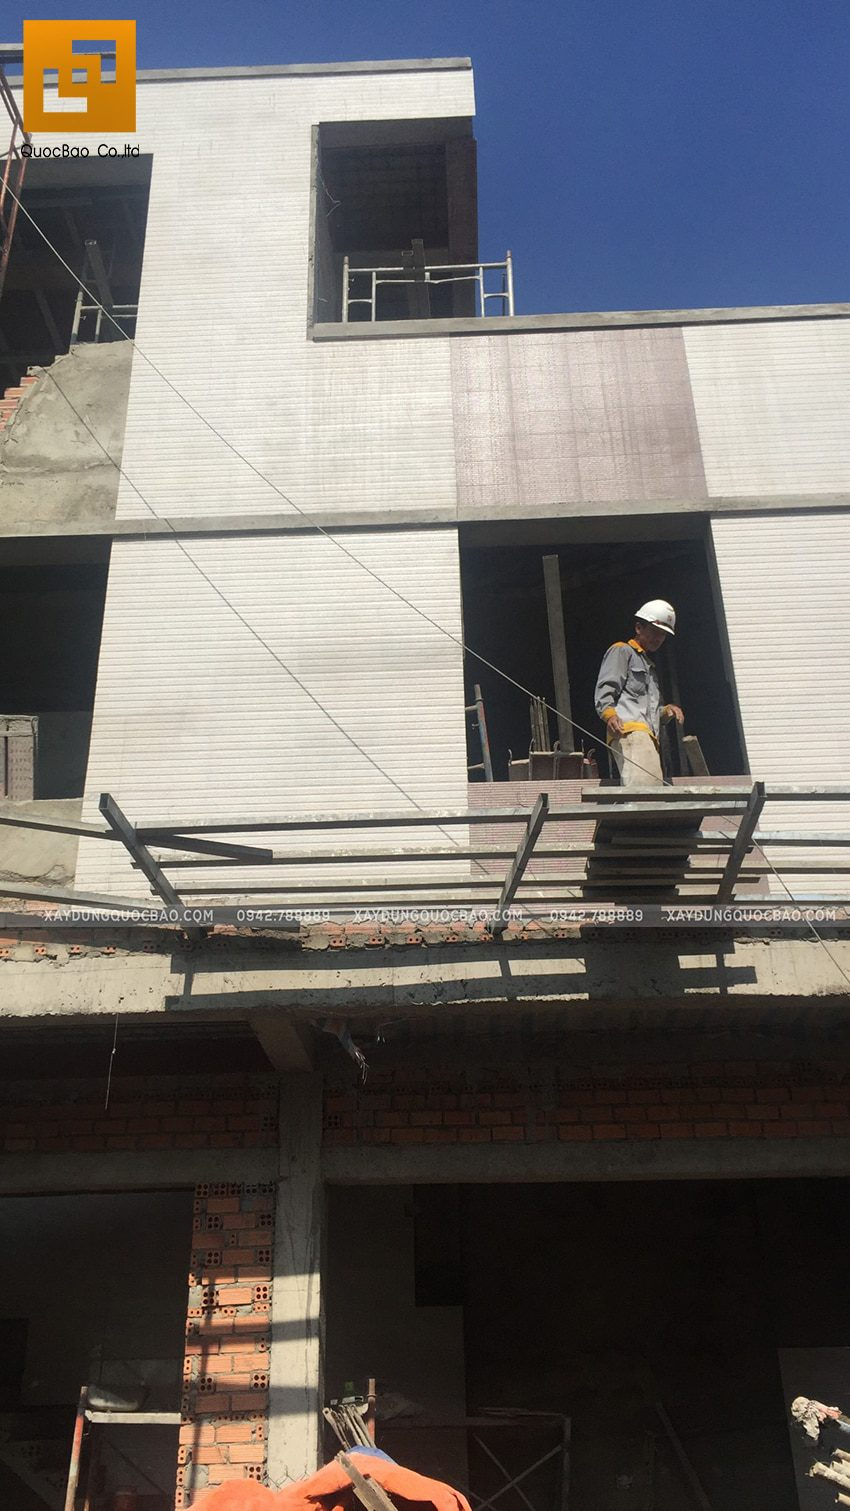 Thi công hoàn thiên nhà 3 tầng của chị Dung - Ảnh 4